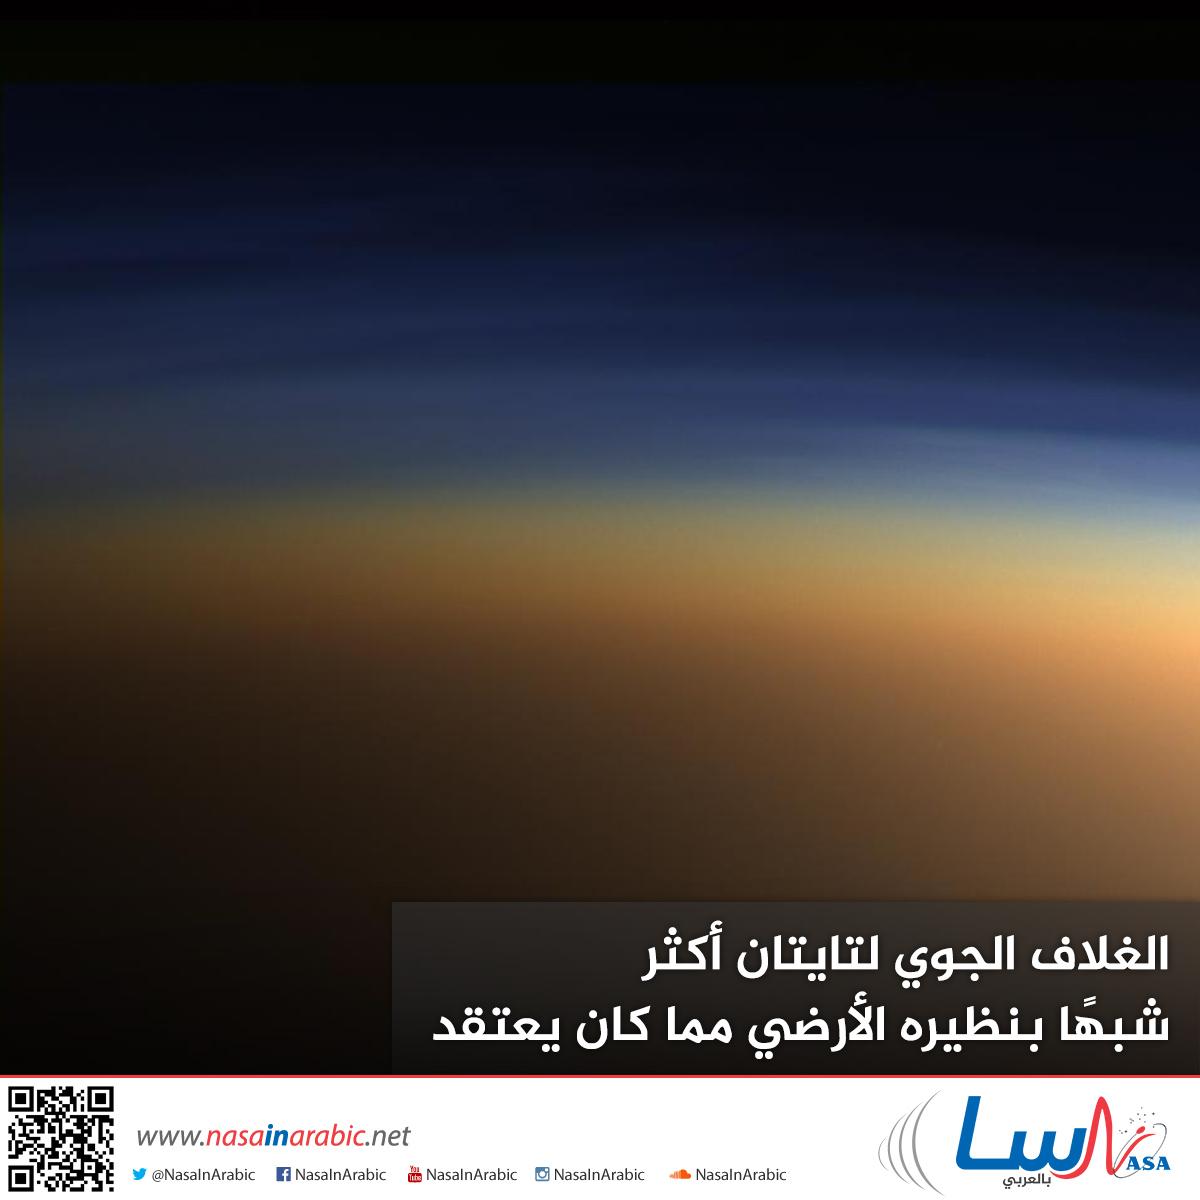 الغلاف الجوي لتايتان أكثر شبهًا بنظيره الأرضي مما كان يعتقد